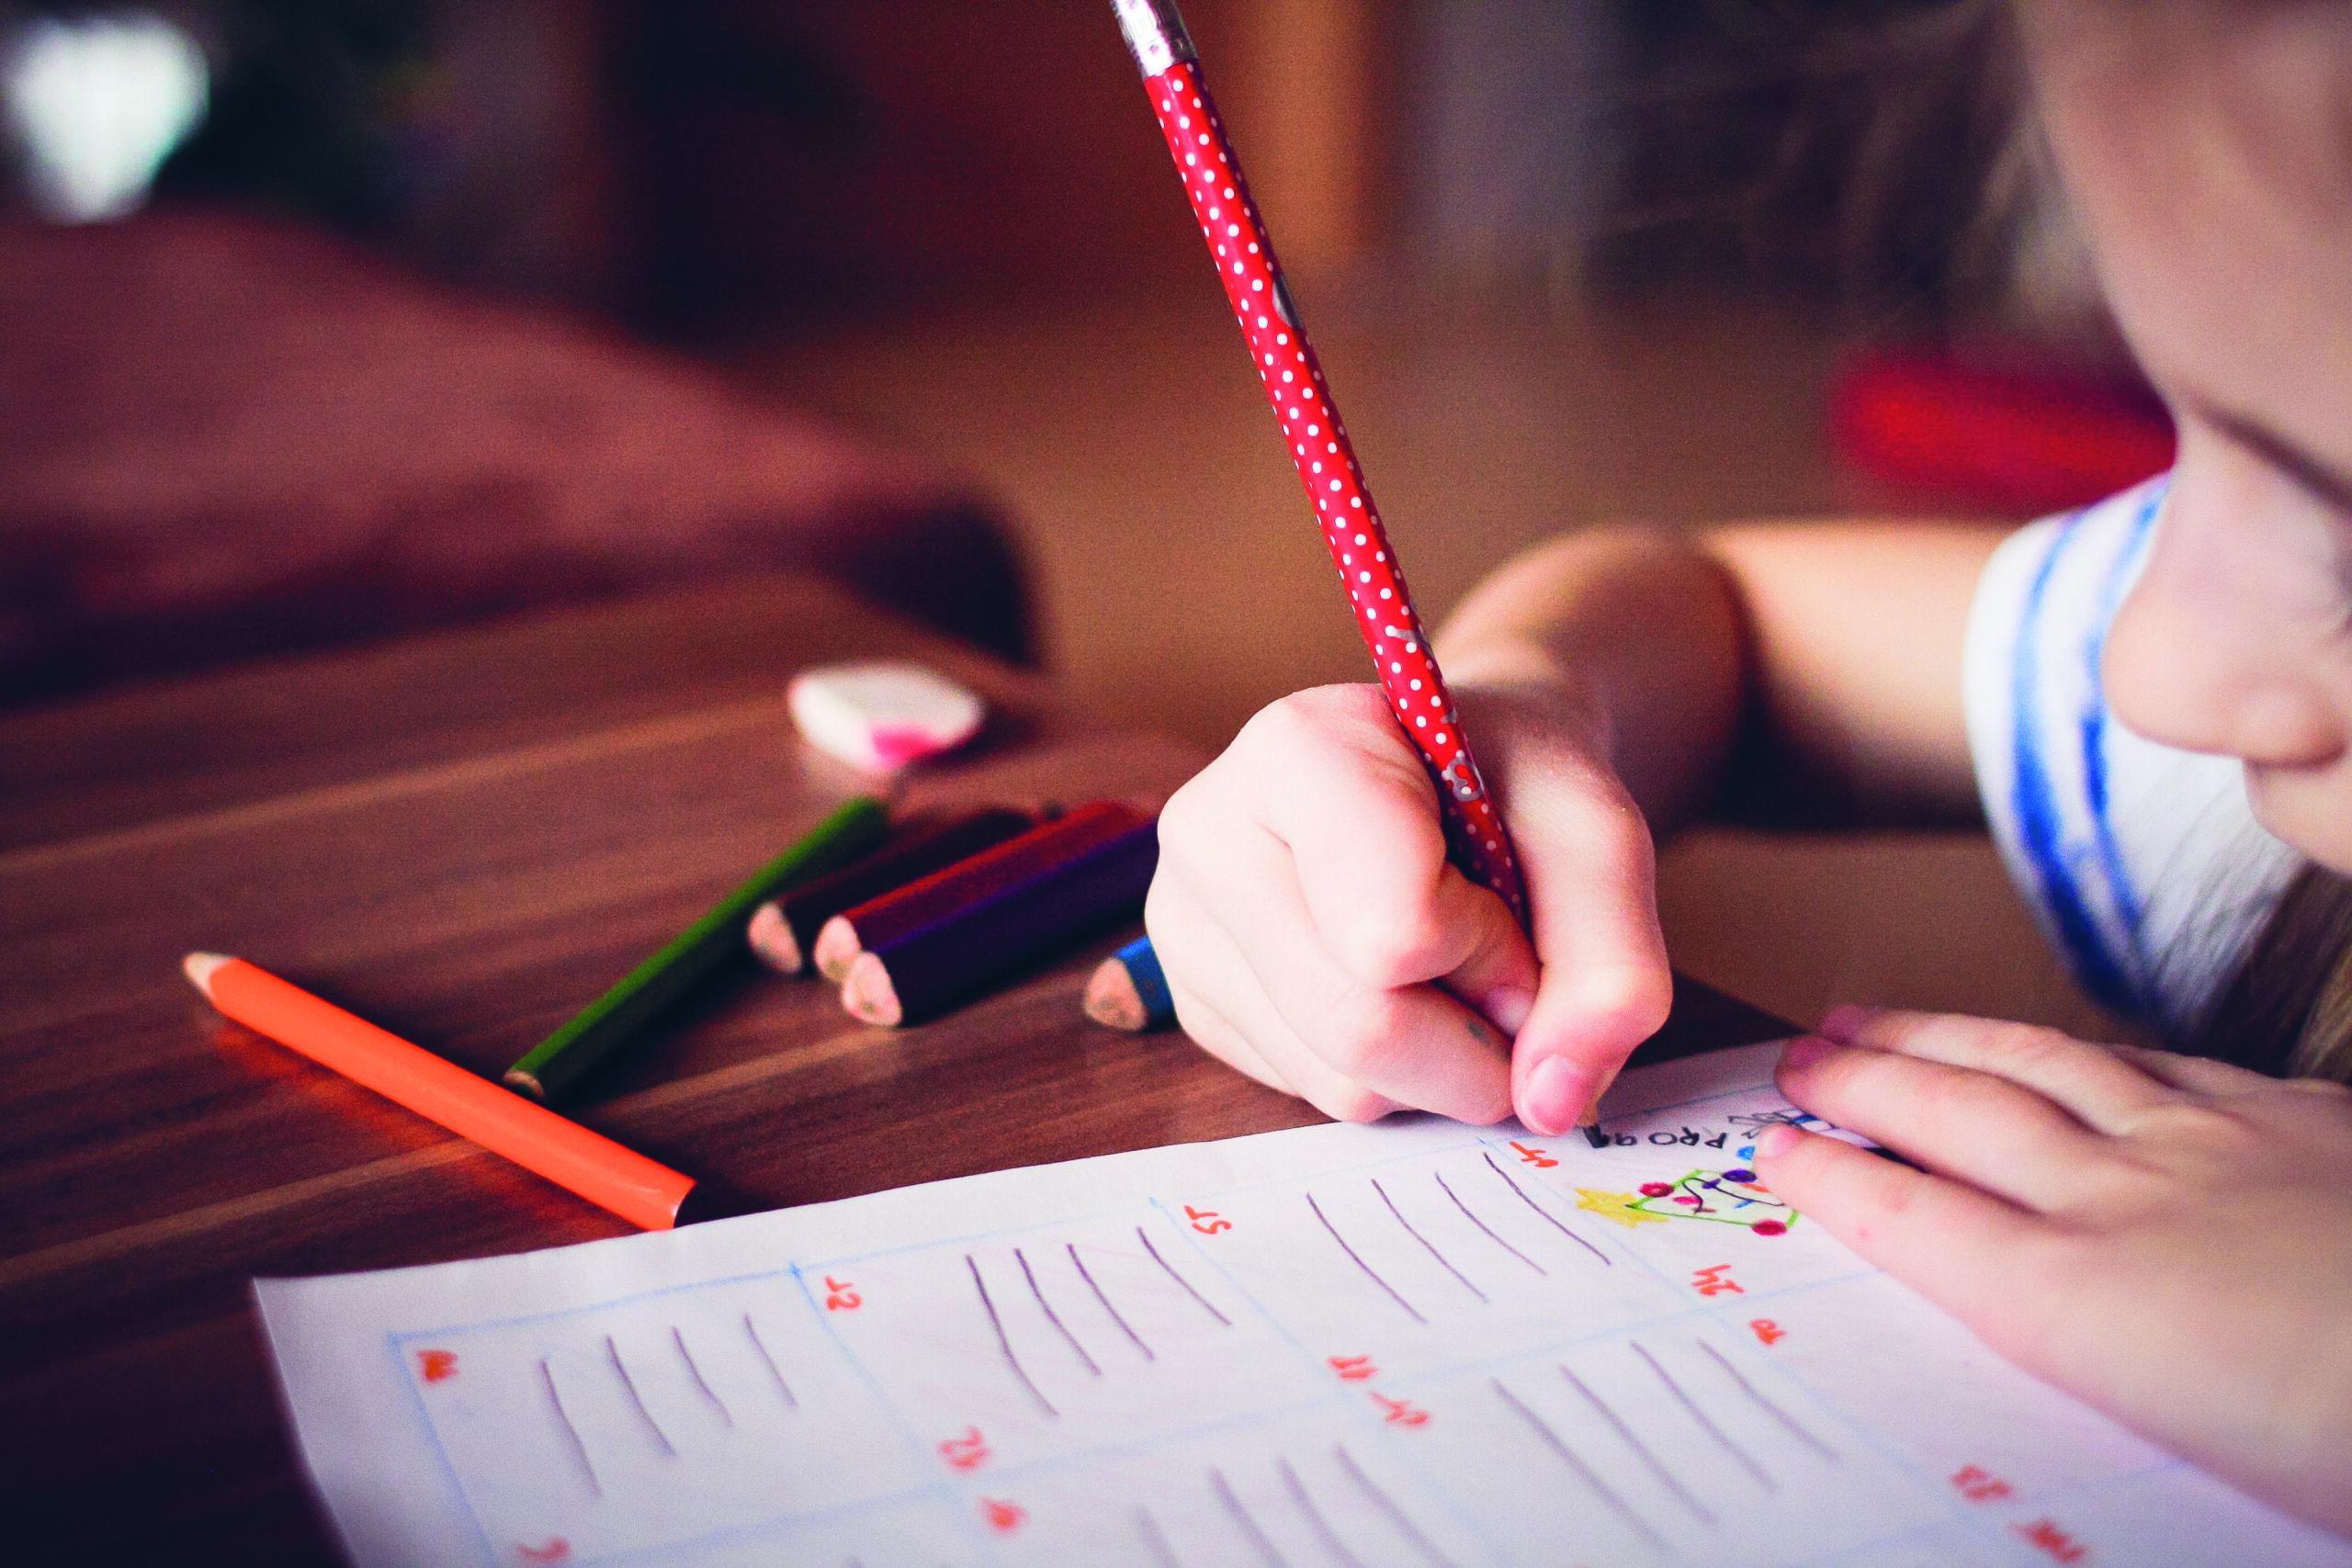 Ein Kind sitzt an einem Tisch und macht mit einem roten Bleistift Hausaufgaben.